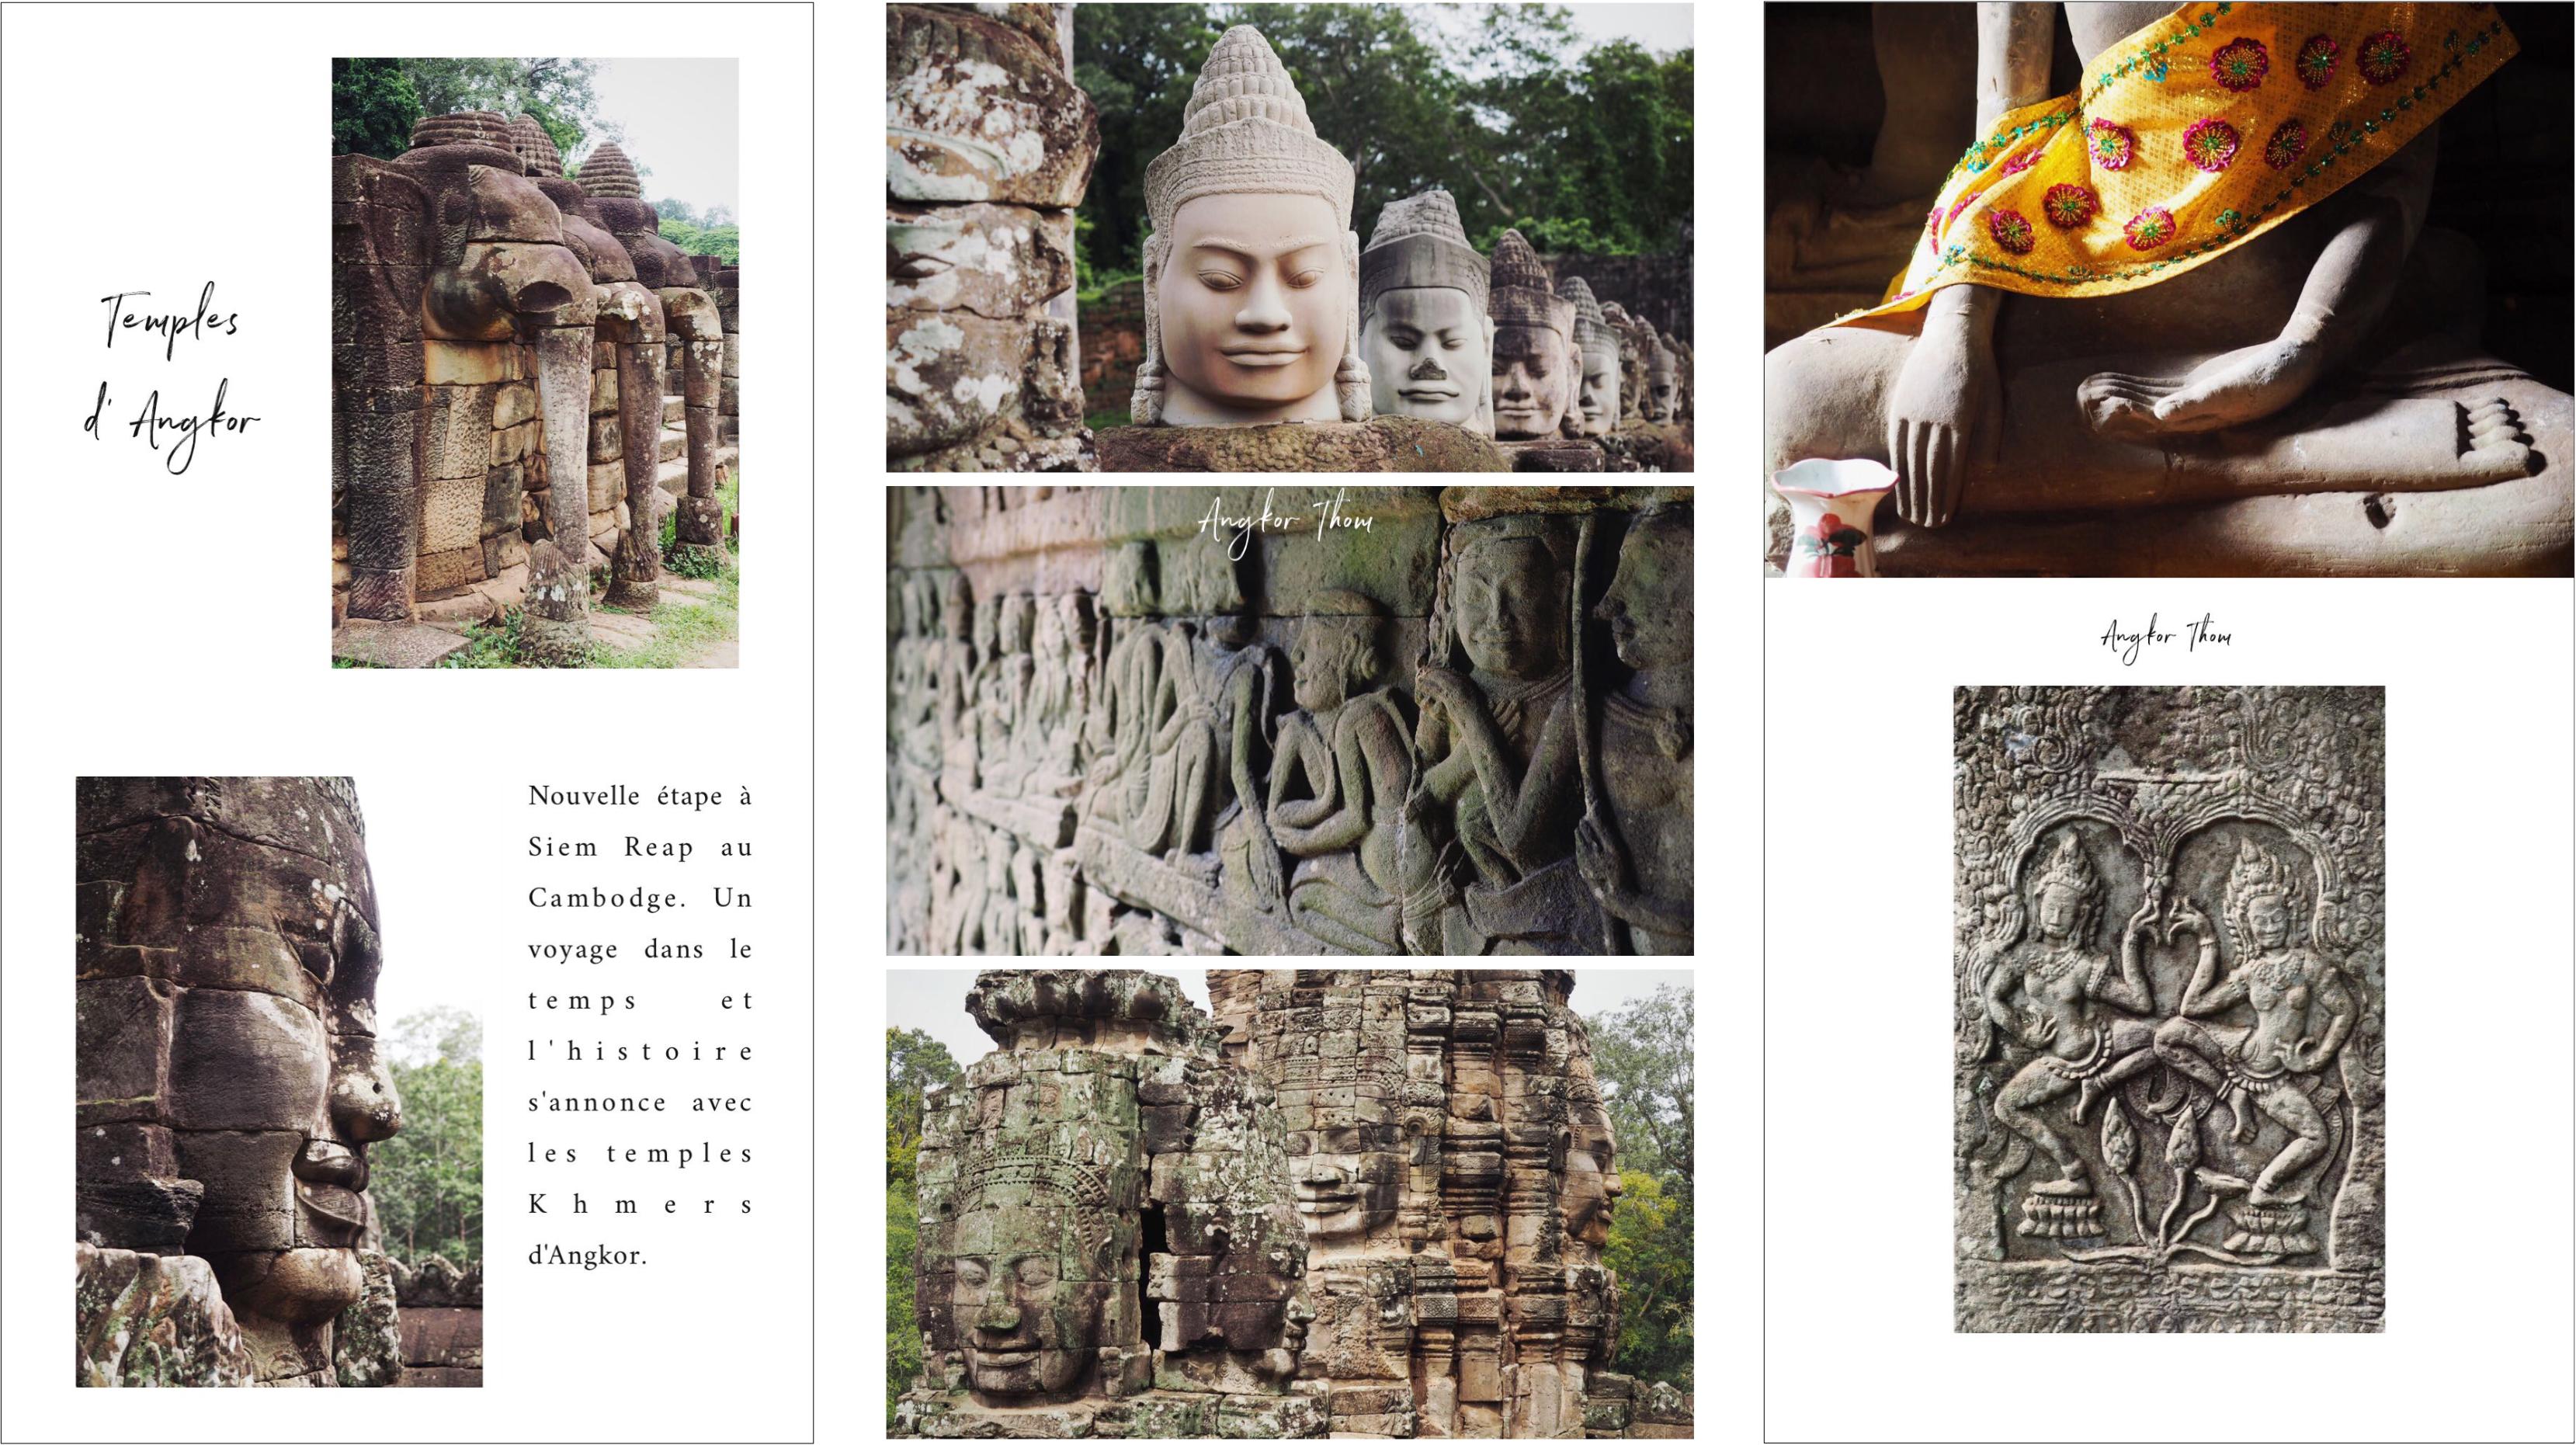 découvrir les temples d'angor - cambodge